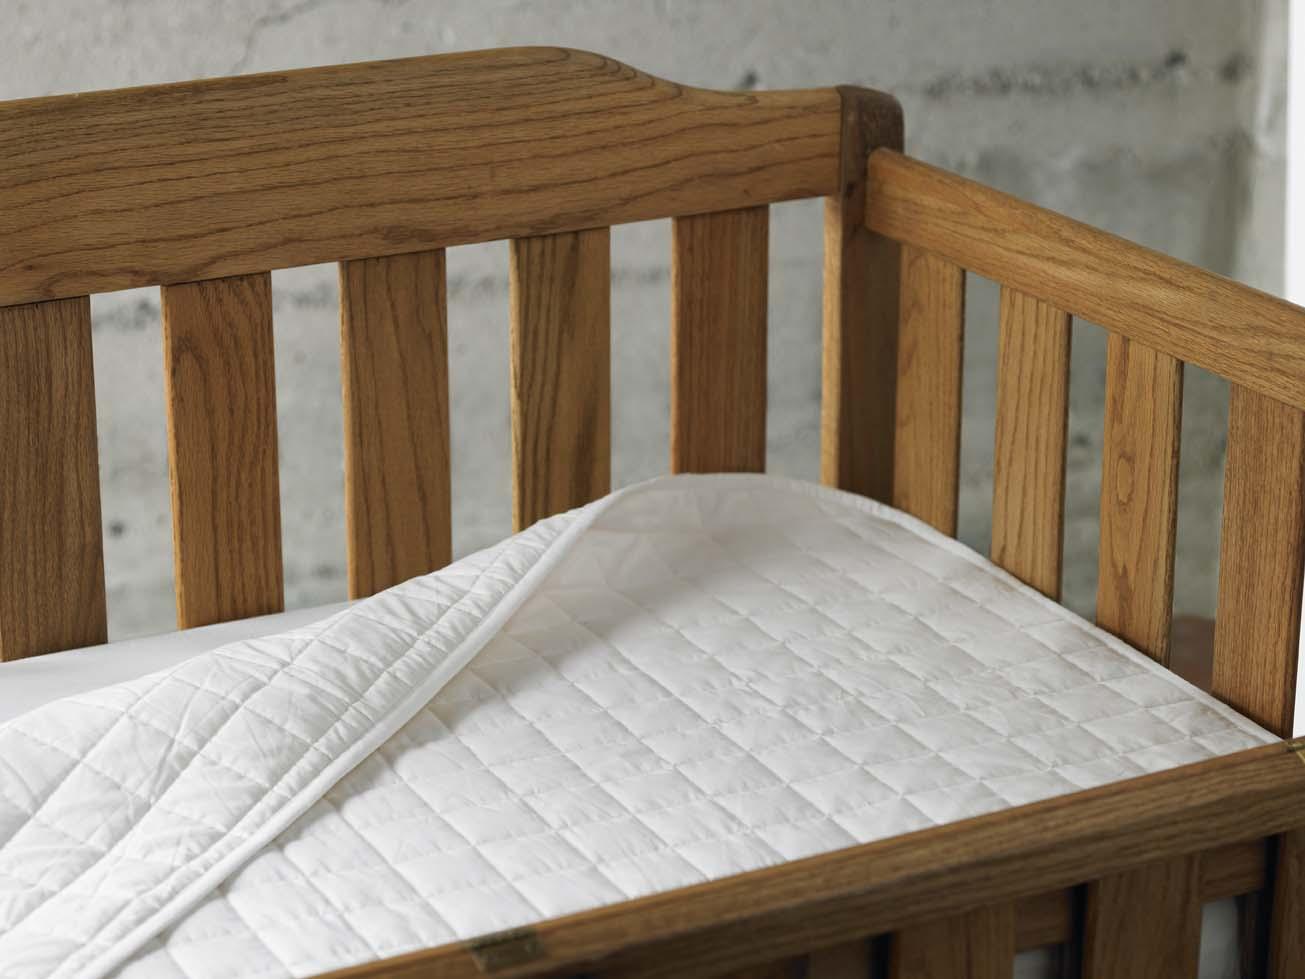 Coyuchi Crib Mattress Pad